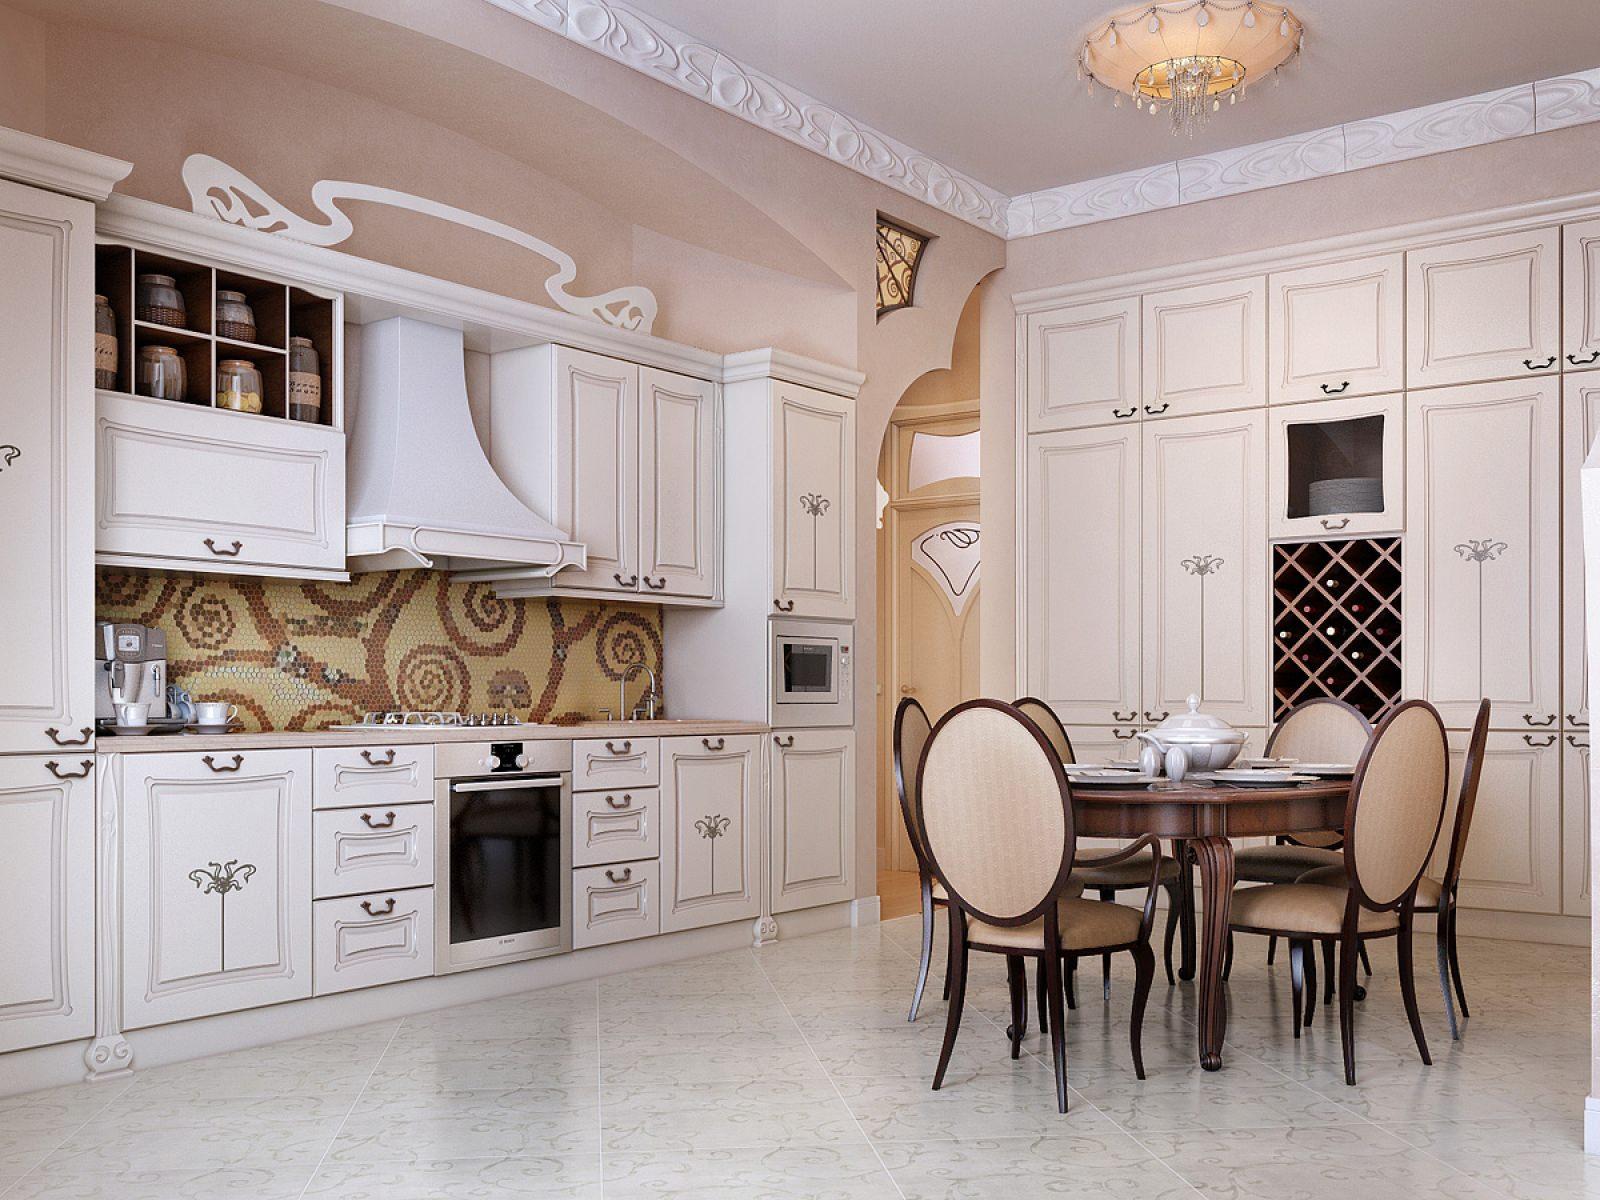 dizajn-interera-kukhni-stolovoj-v-klassicheskom-stile48